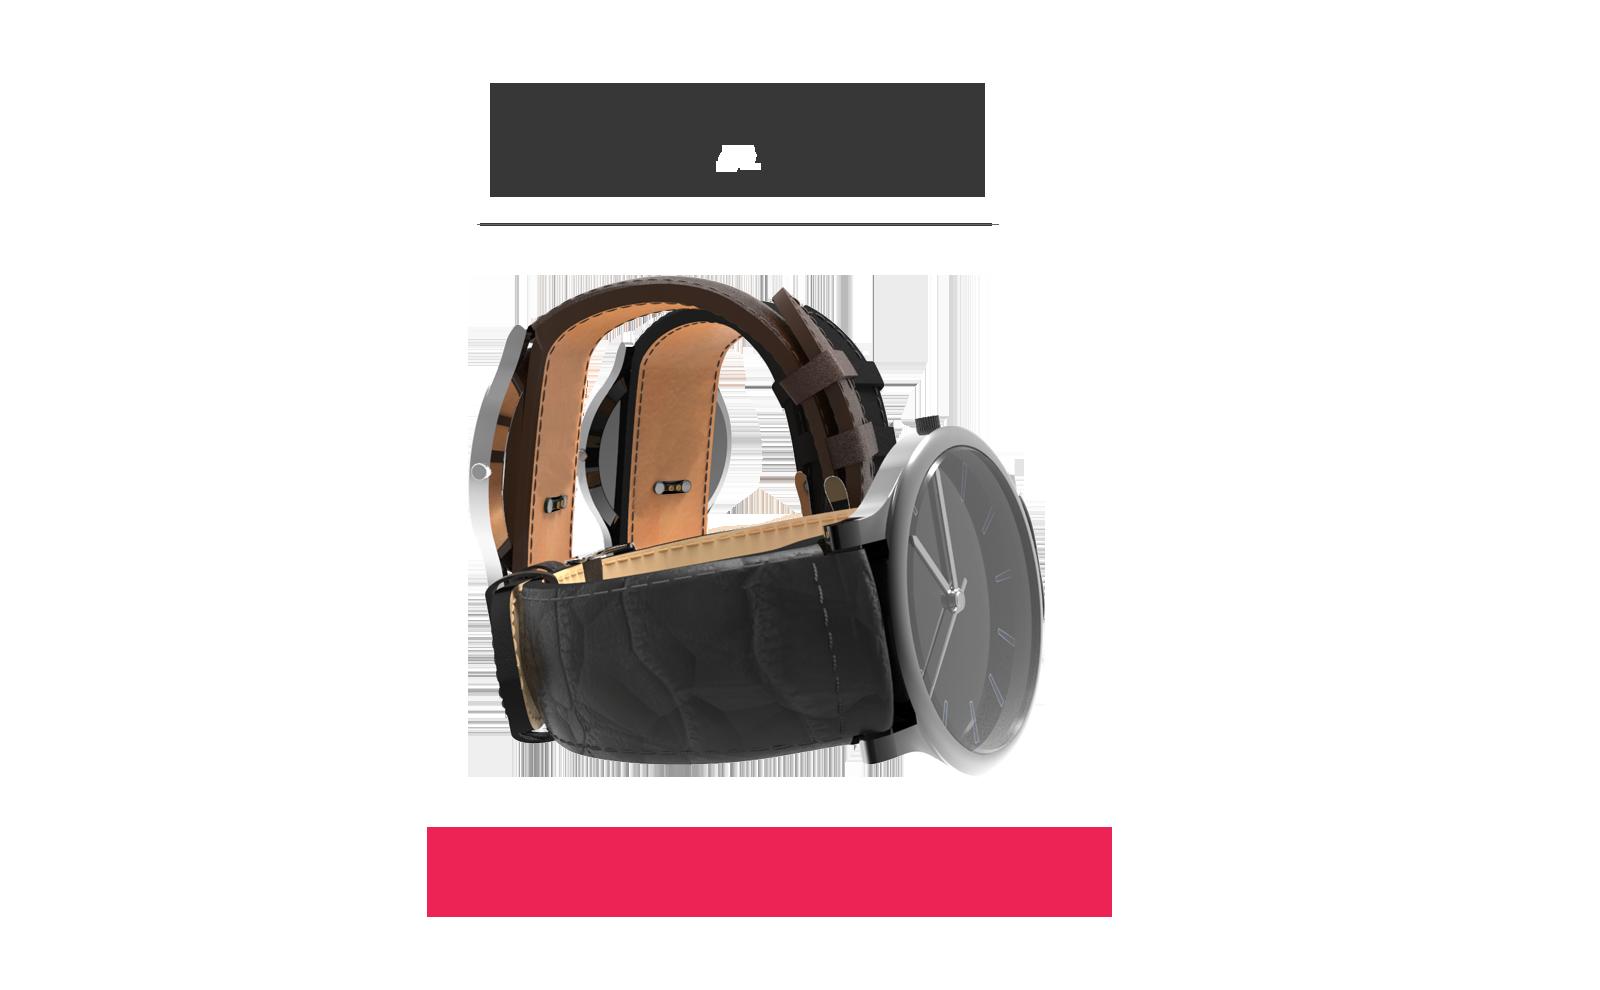 3d-model-classi_28970642051_o.png